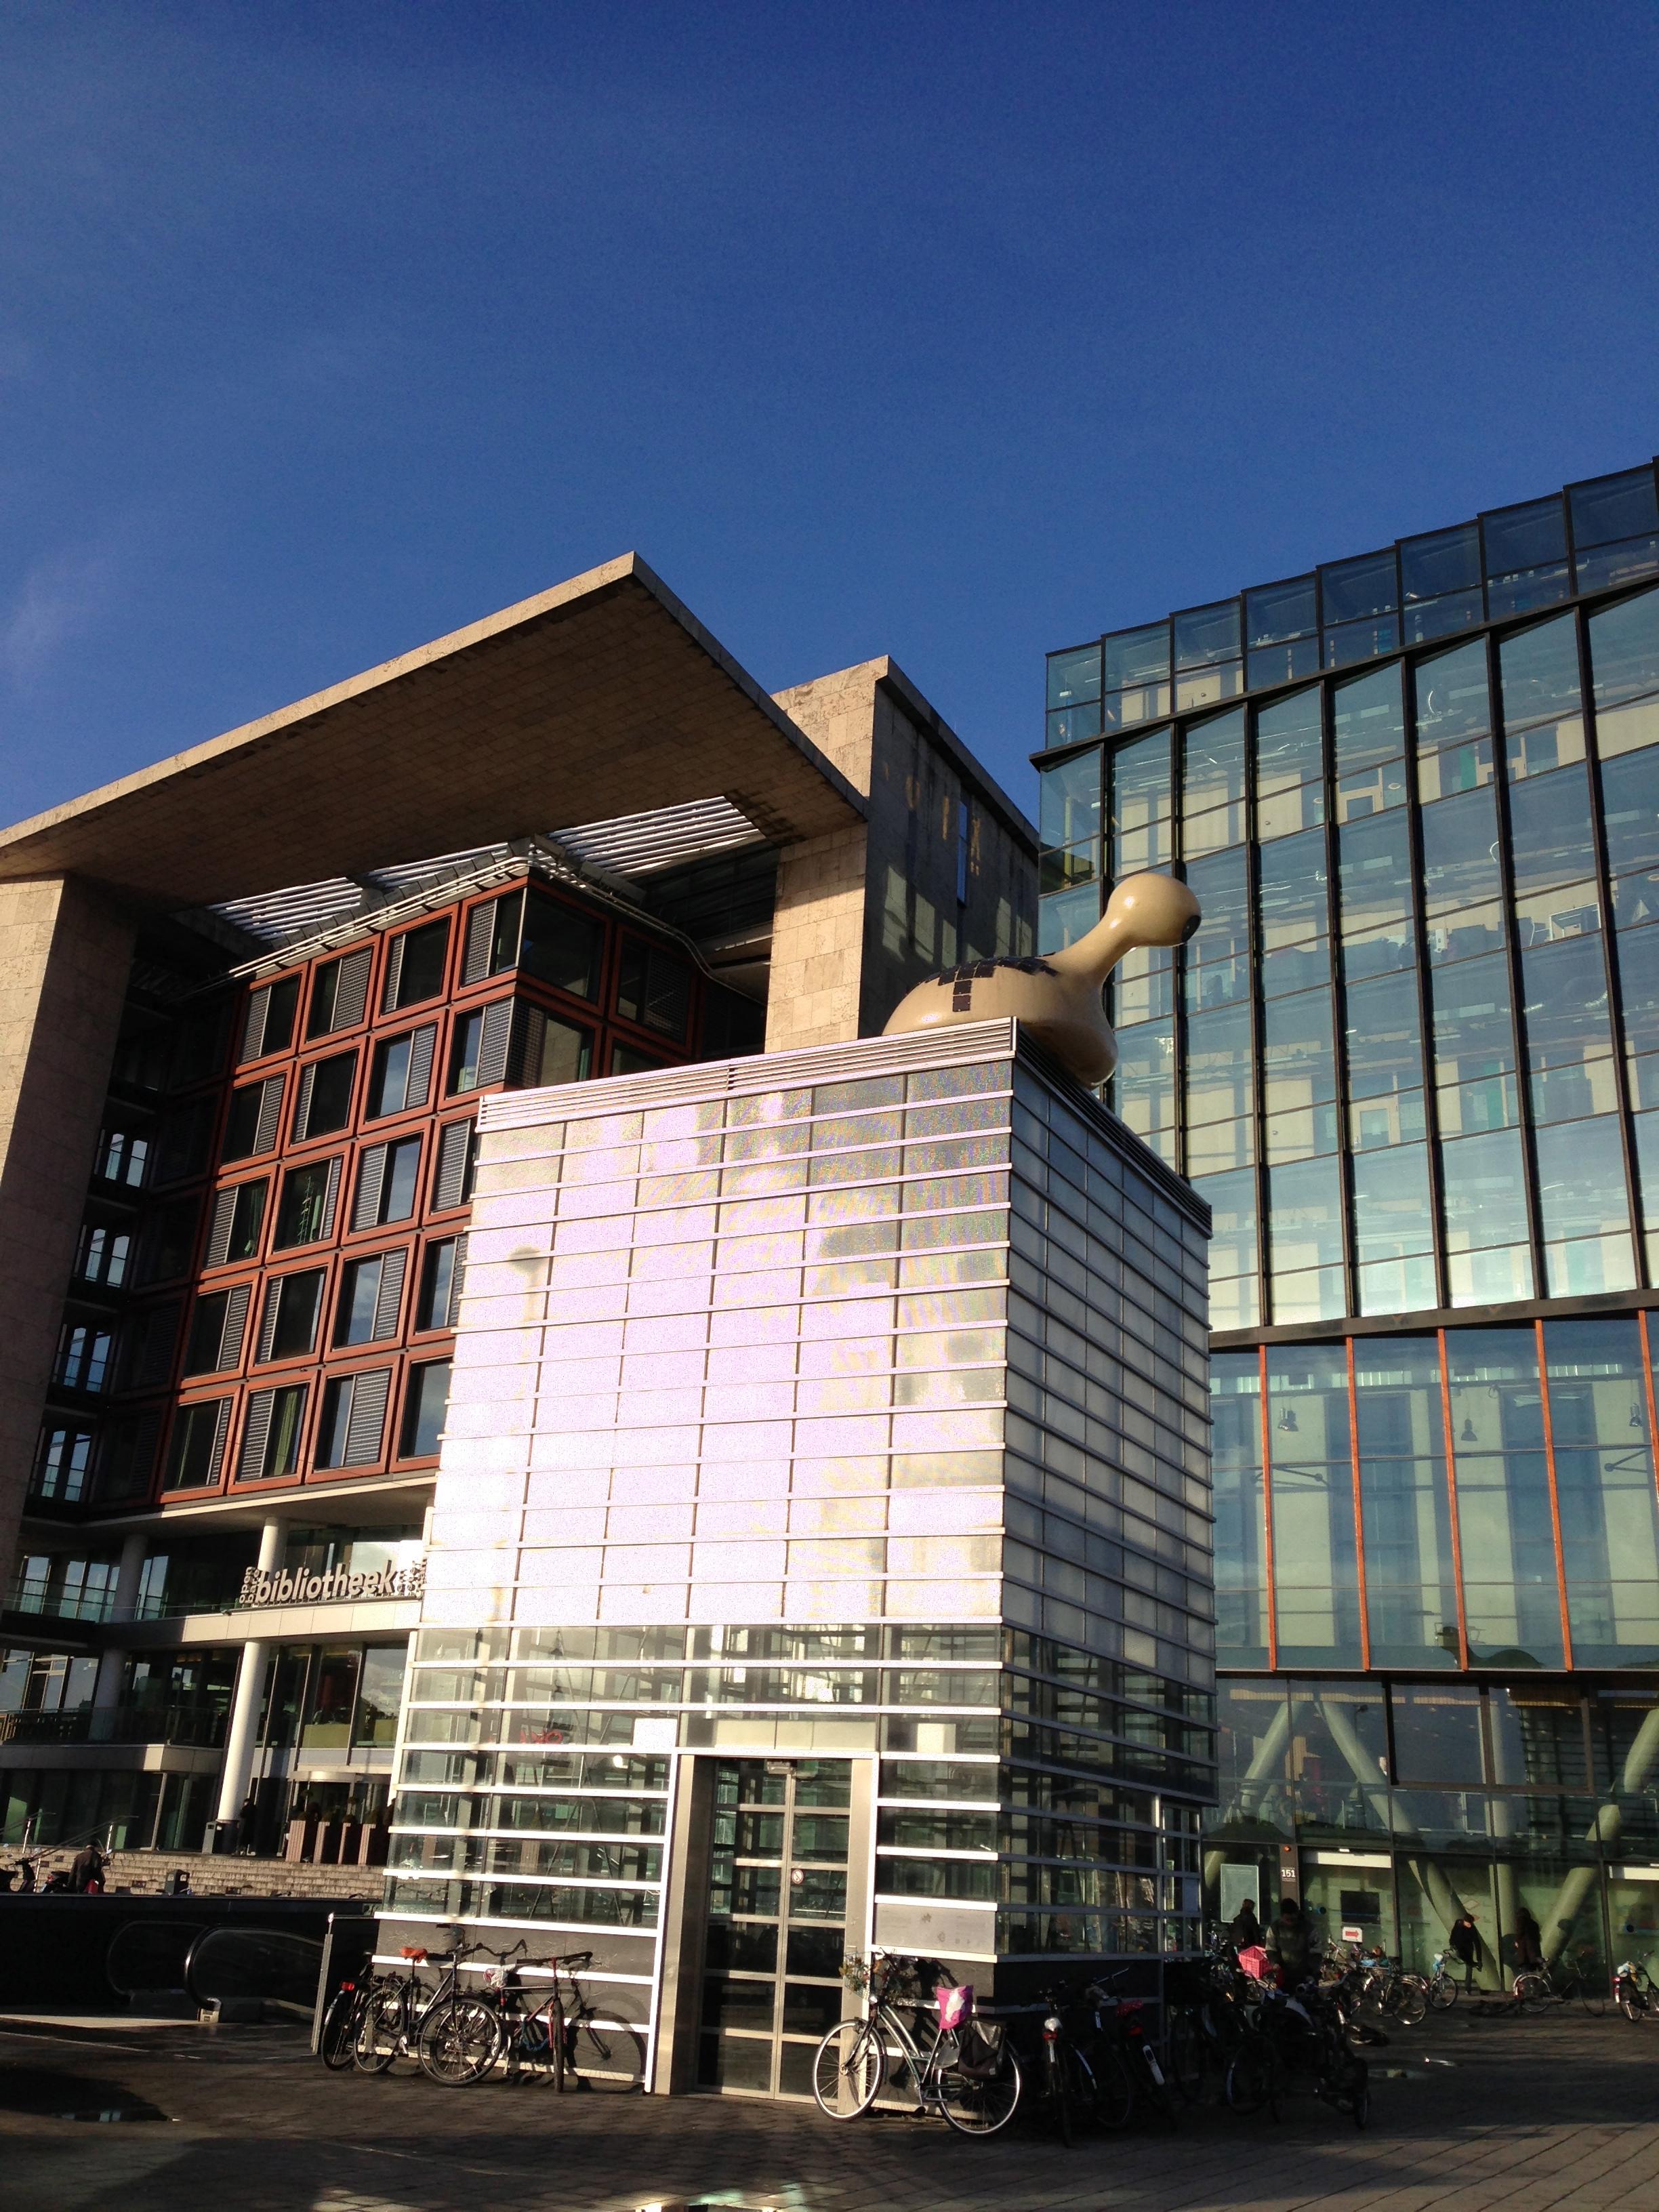 OBA, la bibliothèque centrale d'Amsterdam est située juste à côté du conservatoire de musique.